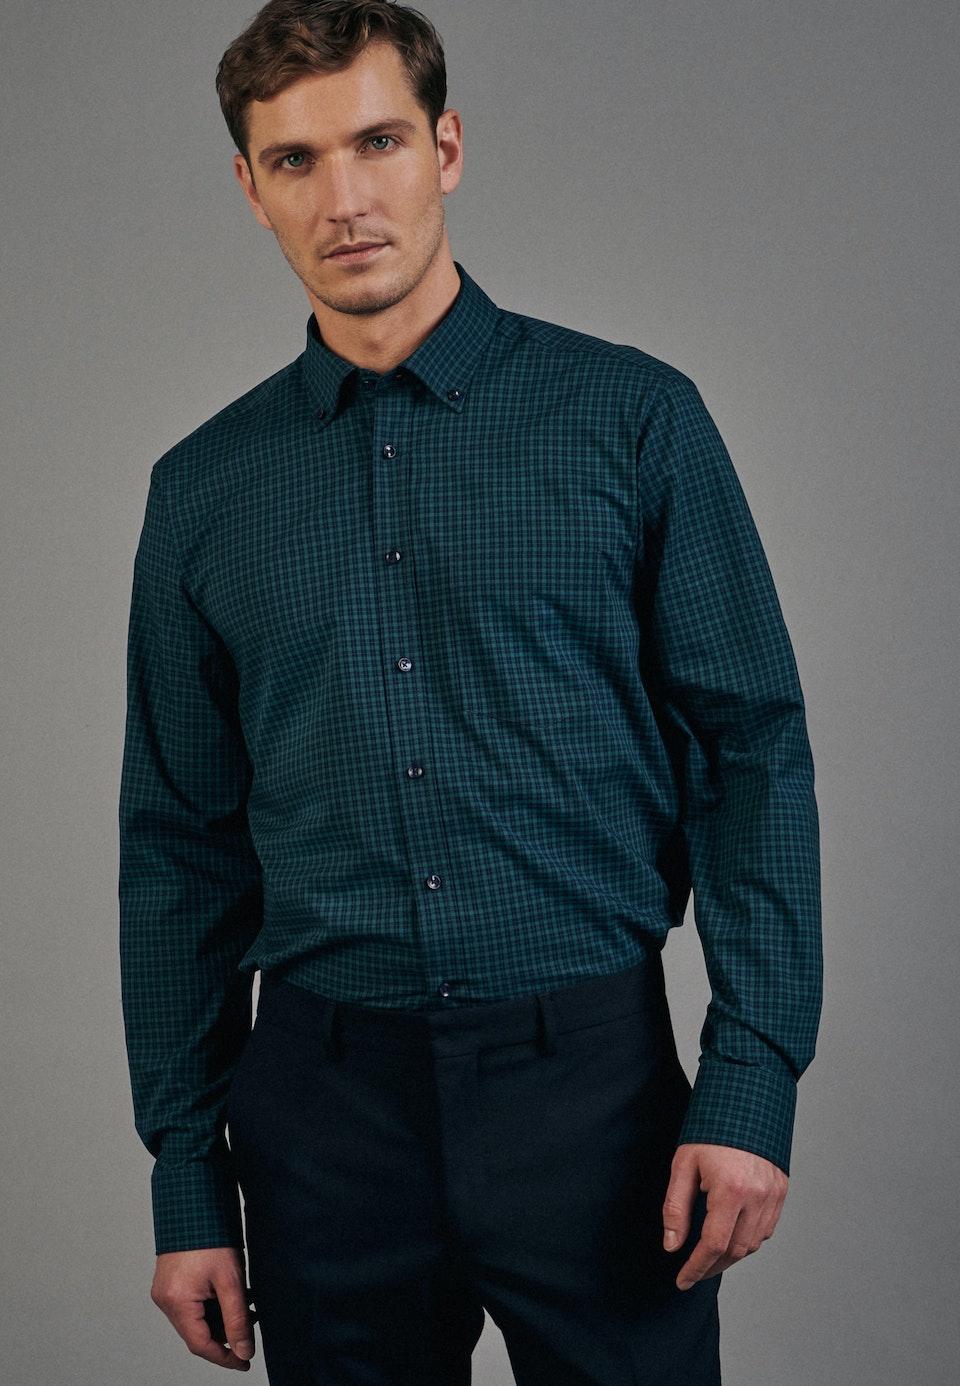 Bügelfreies Popeline Business Hemd in Regular mit Button-Down-Kragen in Grün |  Seidensticker Onlineshop